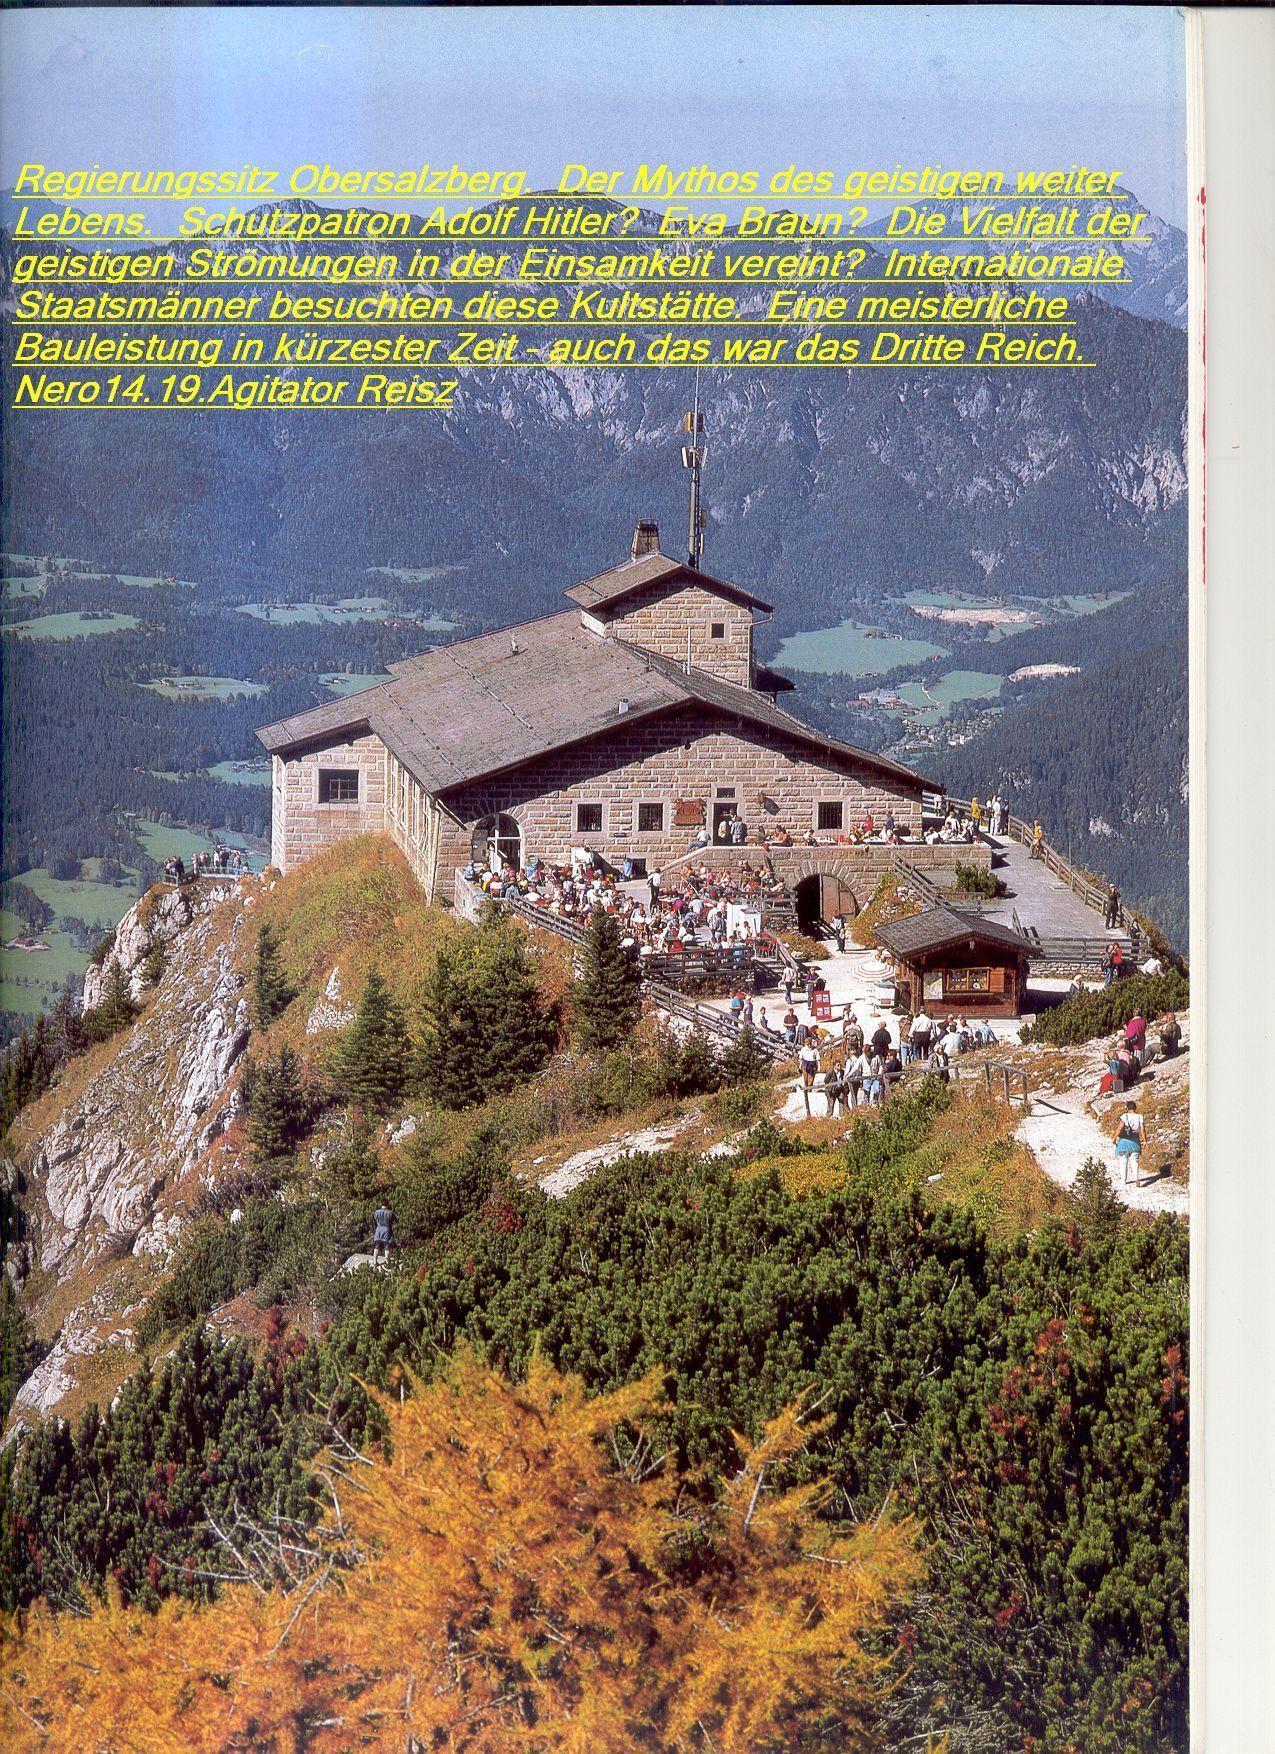 kehlsteinhausschriftokschrift.jpg